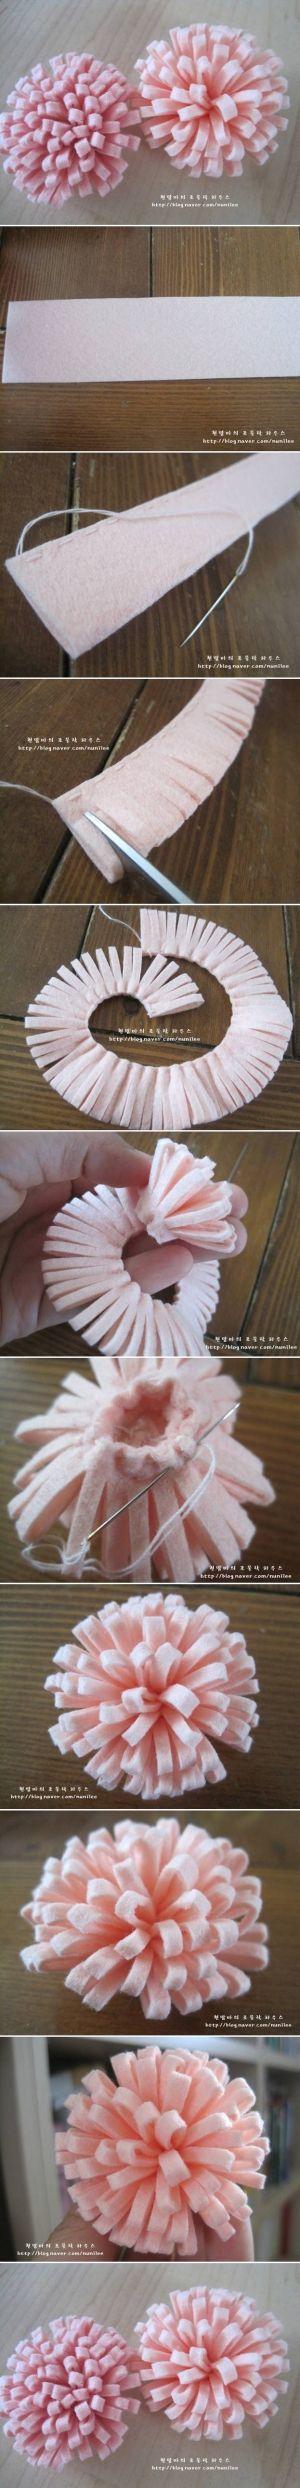 Filcové růžové koule: